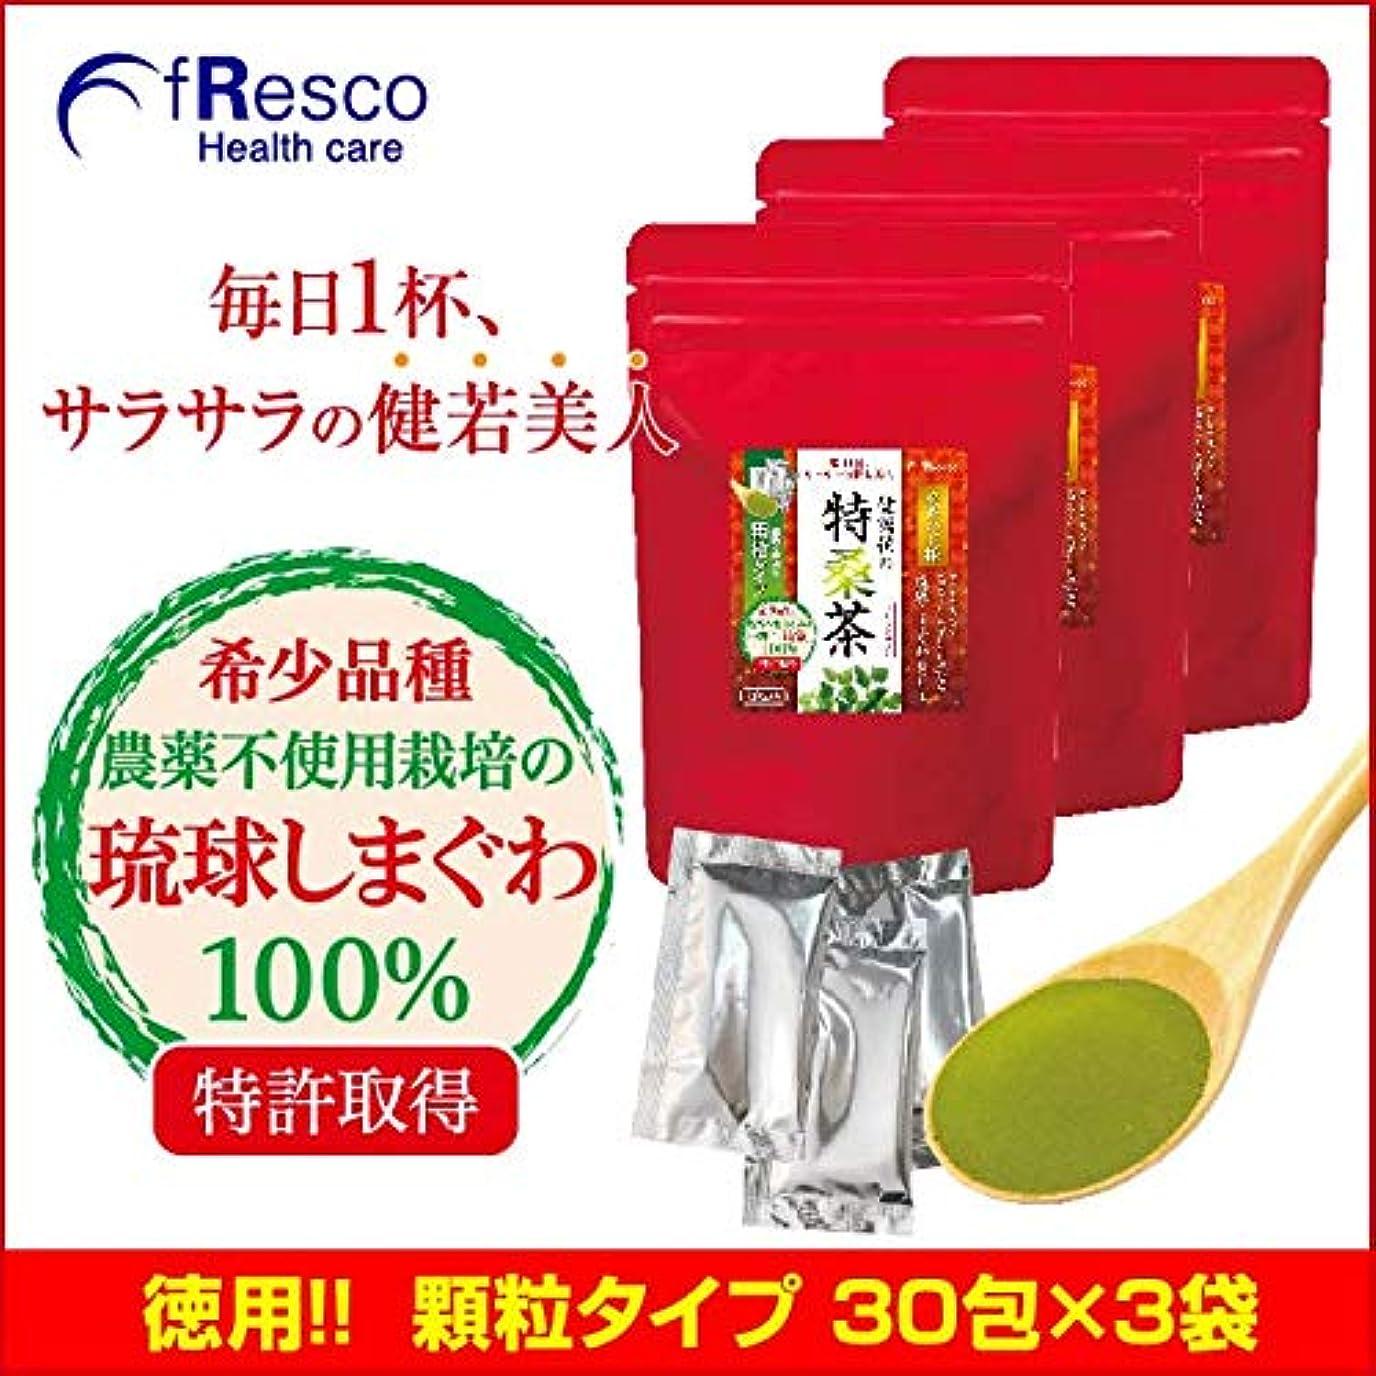 振幅クリーム不透明な琉球しまぐわ 健糖値の特桑茶 顆粒タイプ30包 90日分(3個セット)